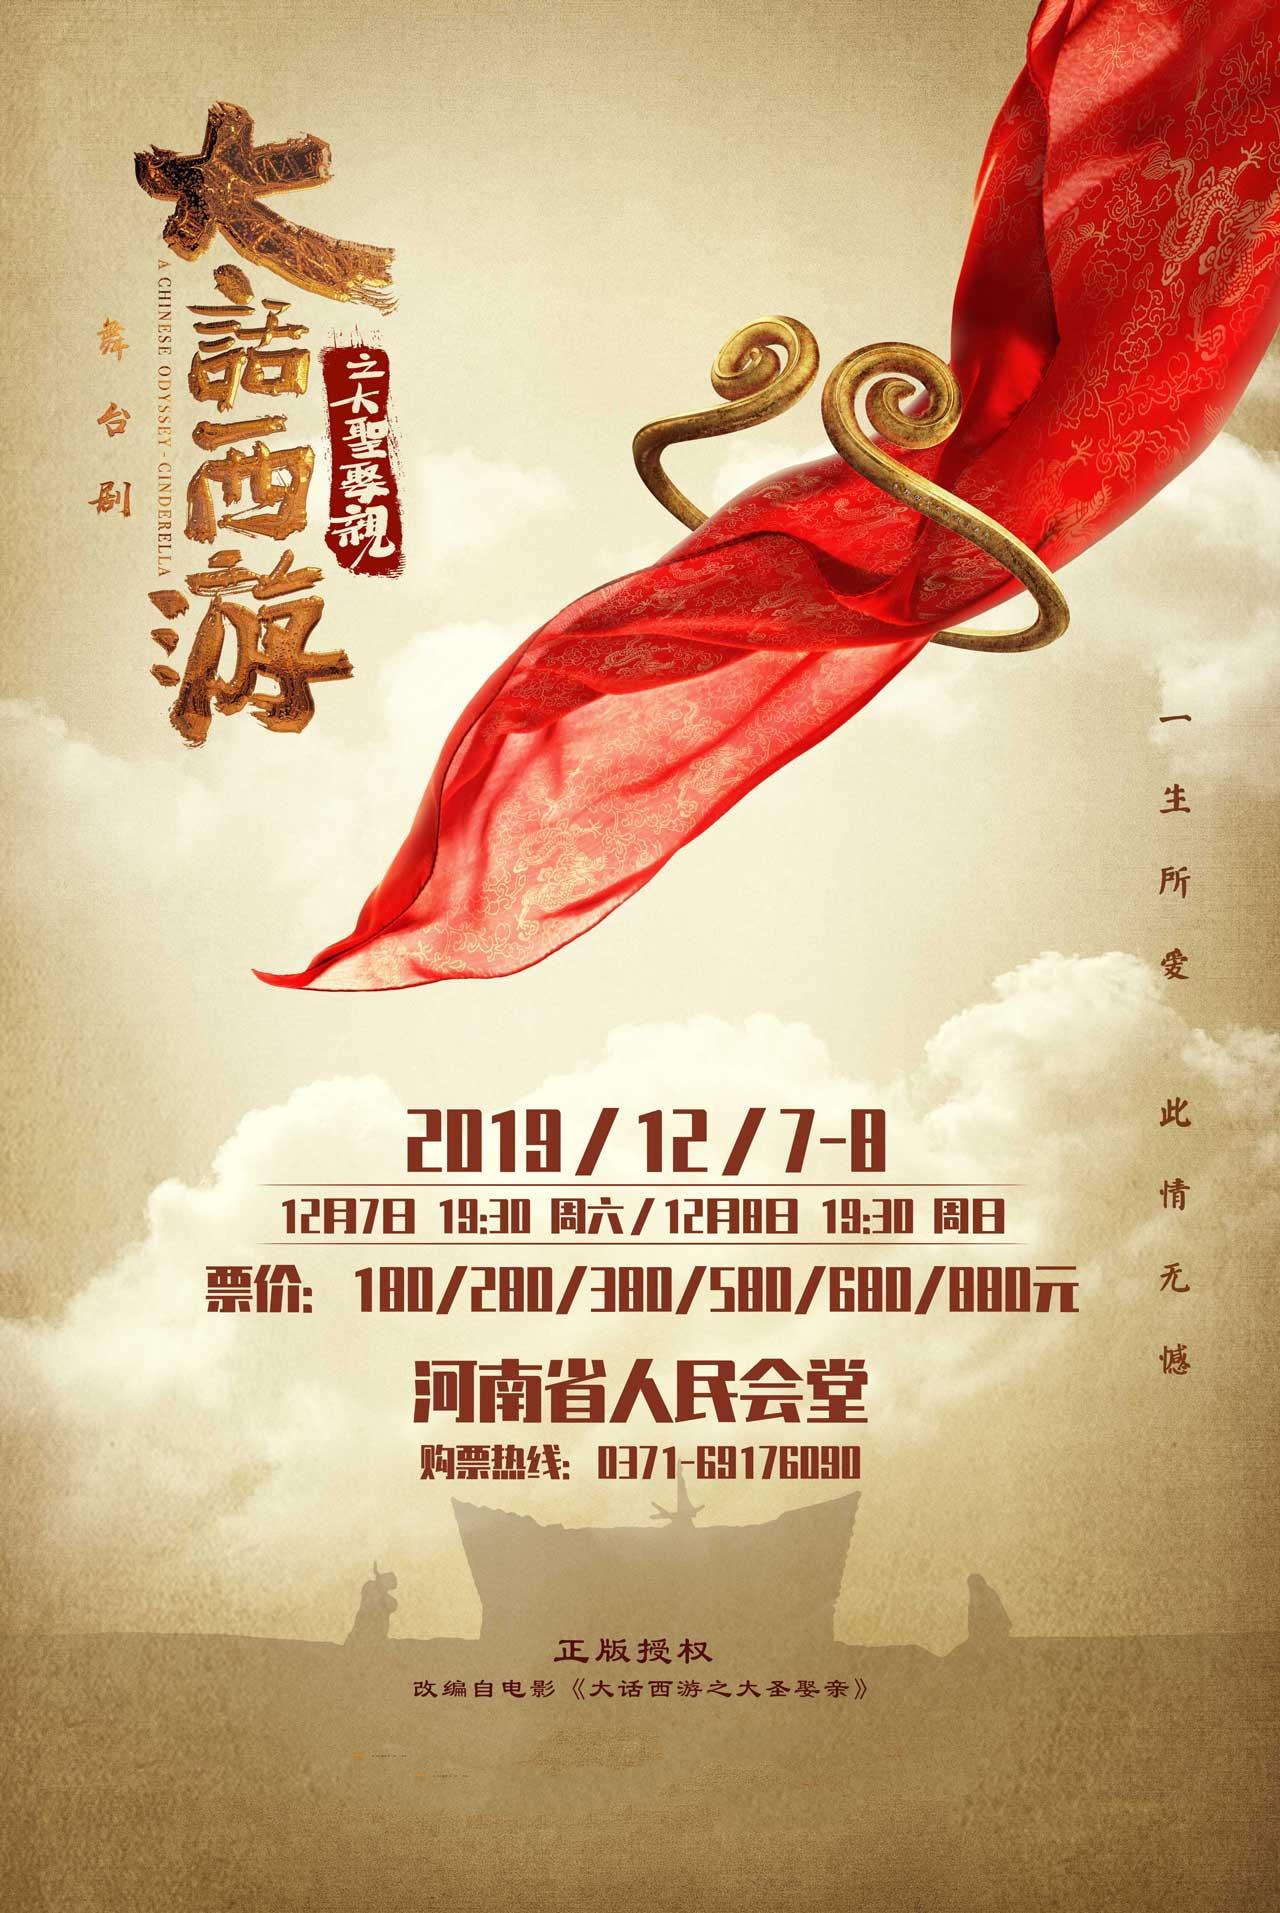 【郑州】舞台剧《大话西游之大圣娶亲》